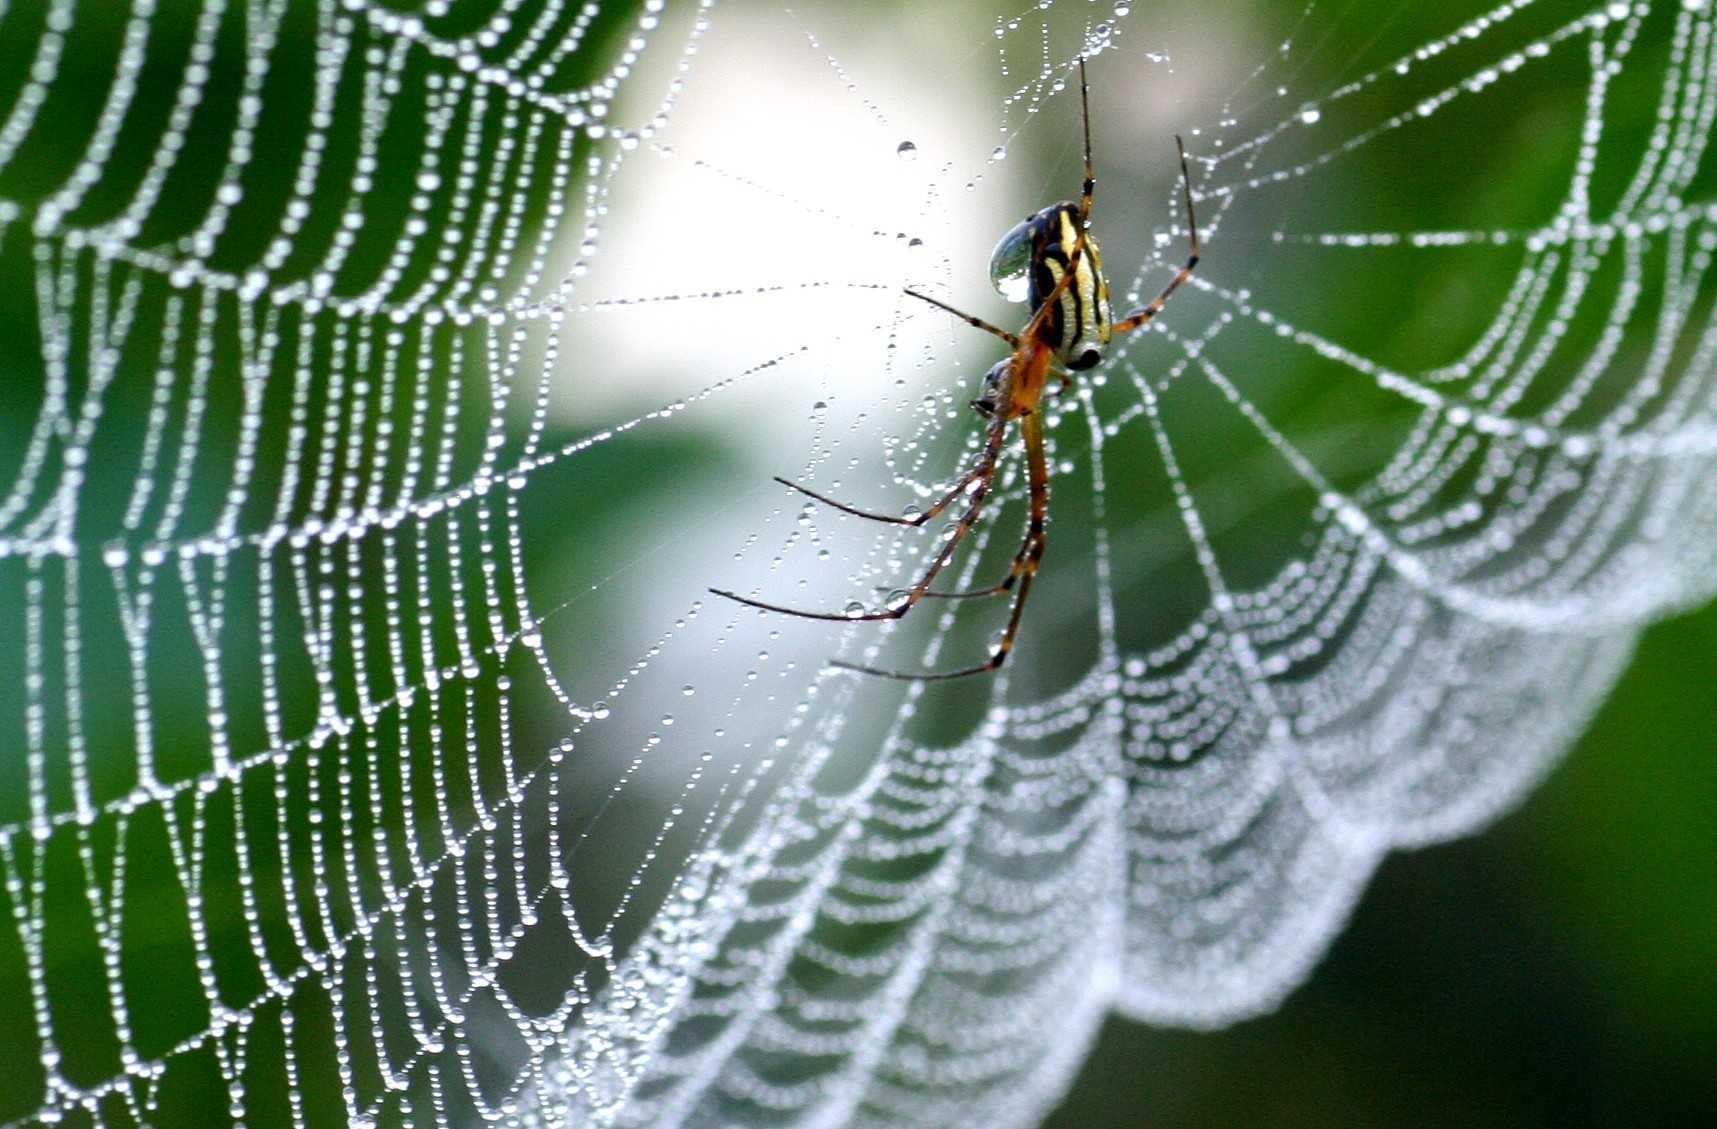 リアルスパイダーマンが実現!? 世界中から注目を集める最強繊維、人工クモ糸化の技術!!